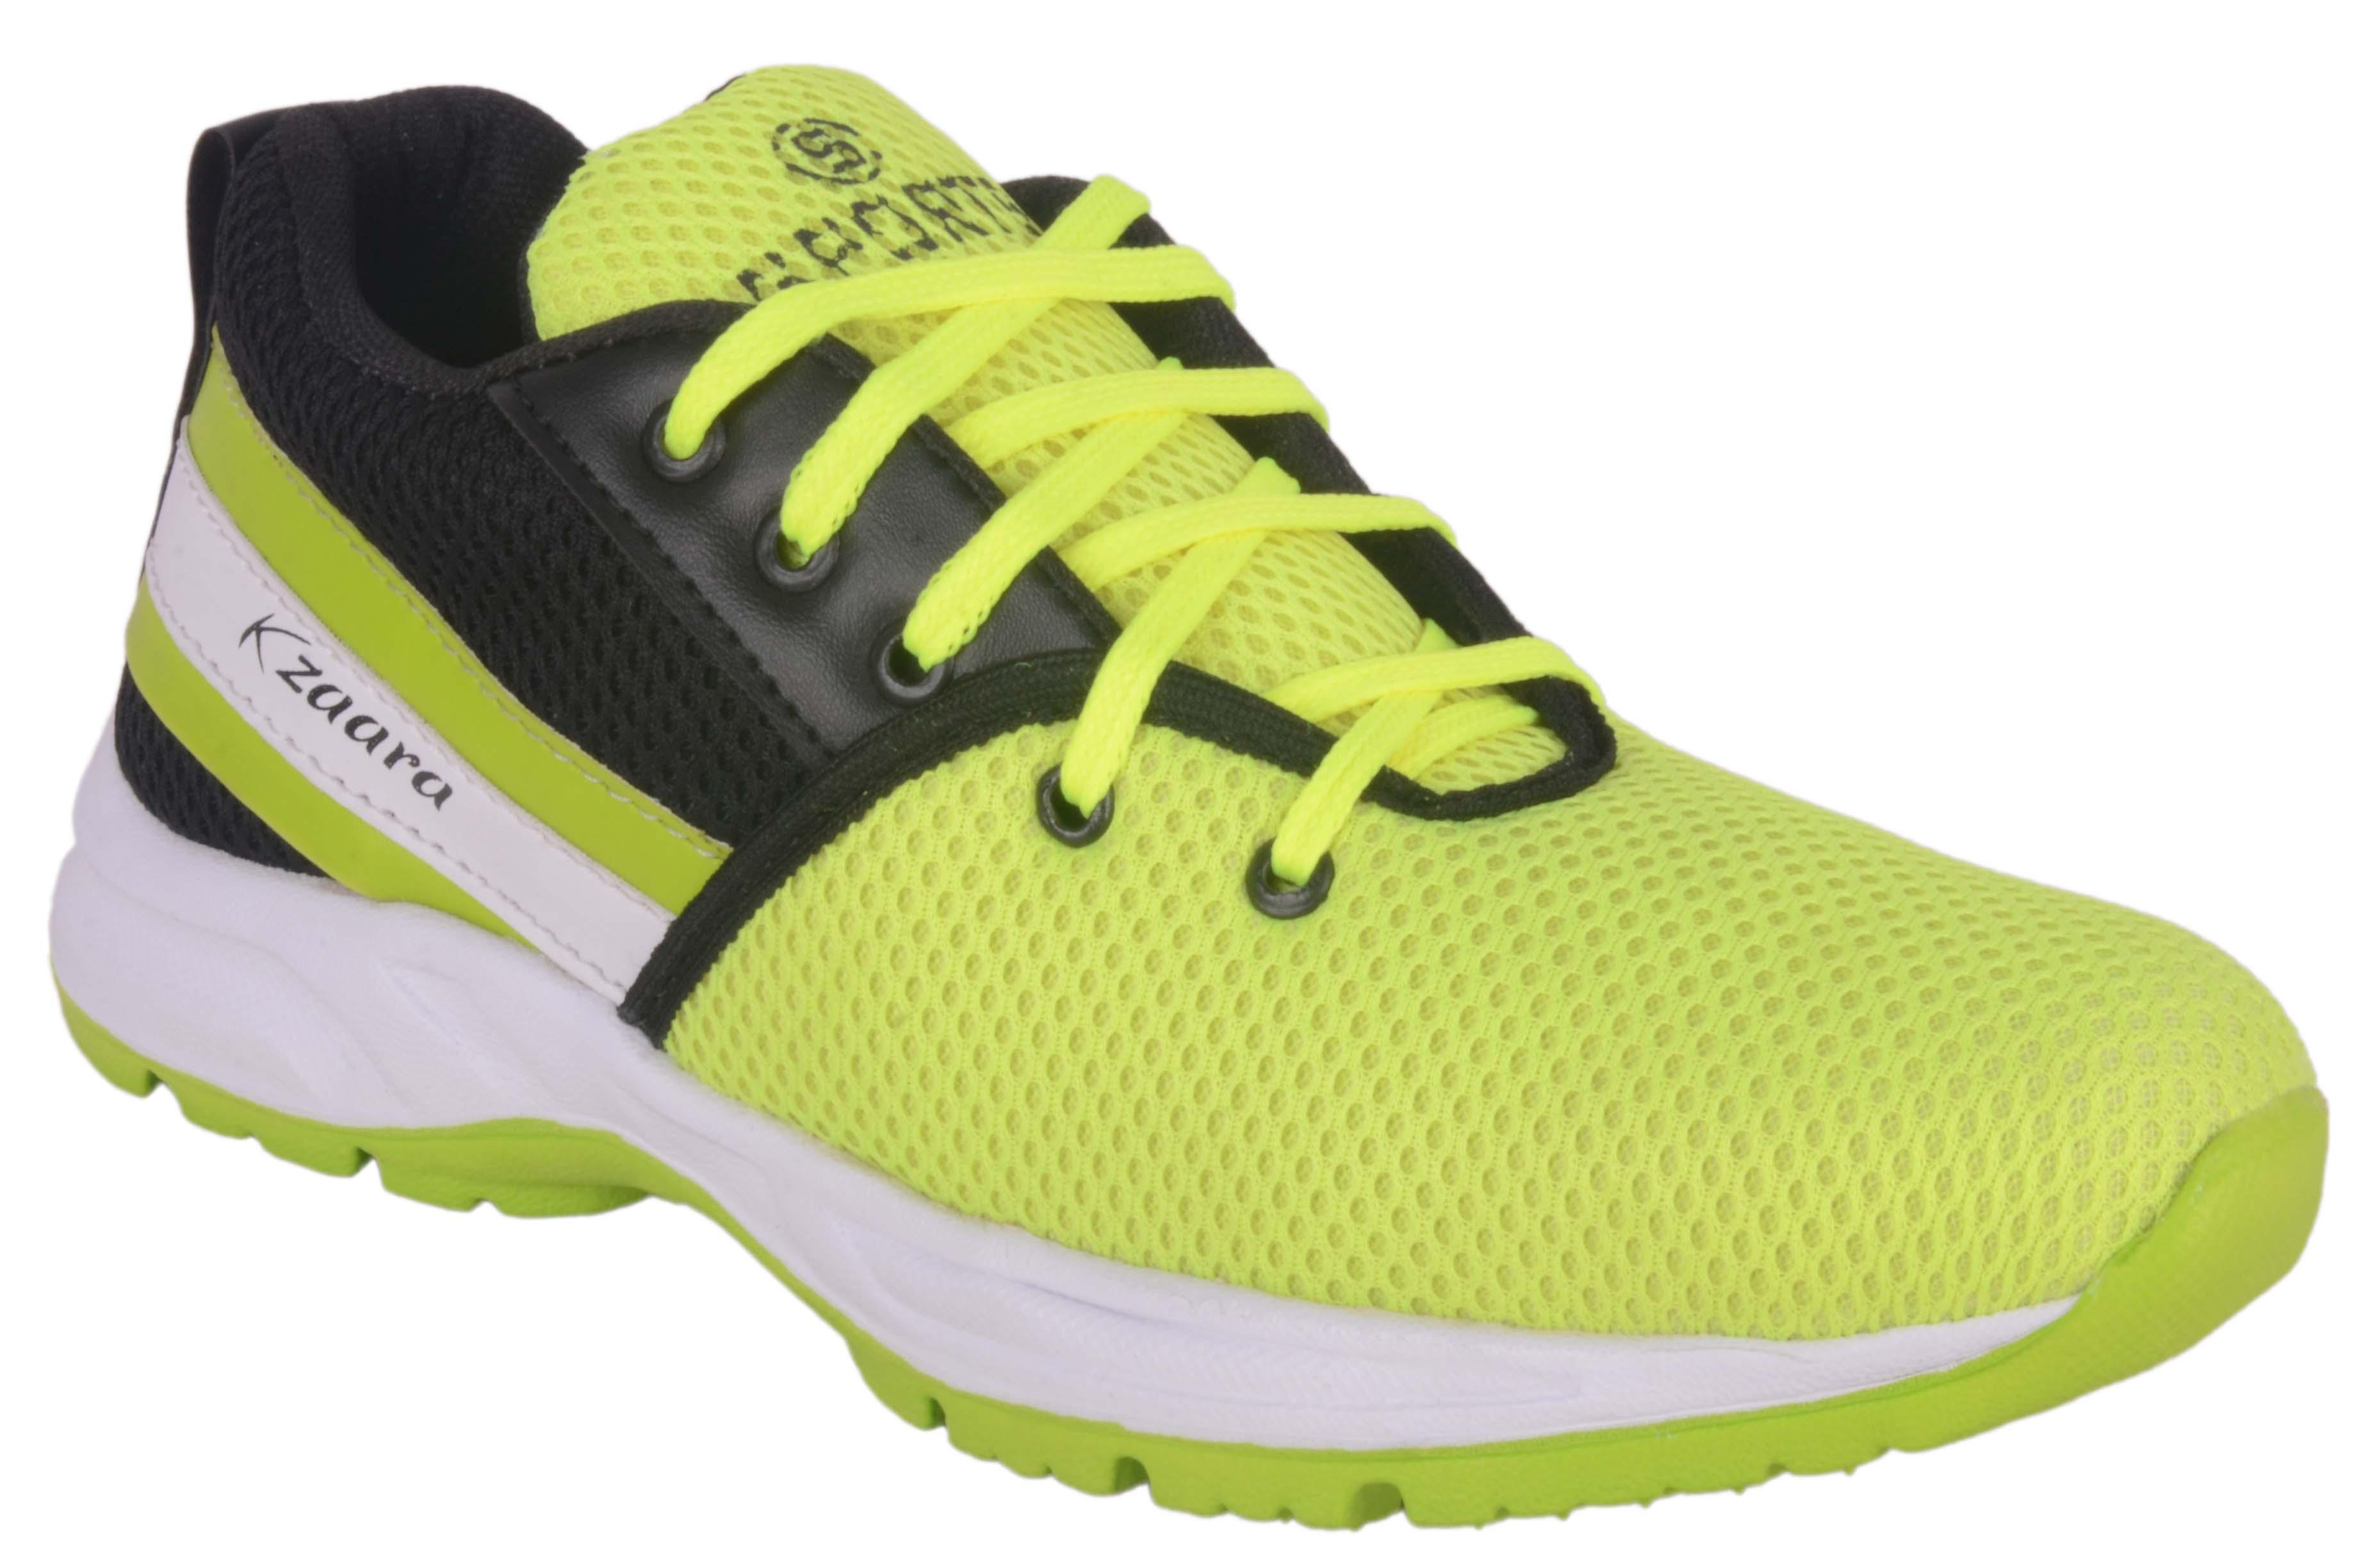 Running Rider Yellow Running Shoes